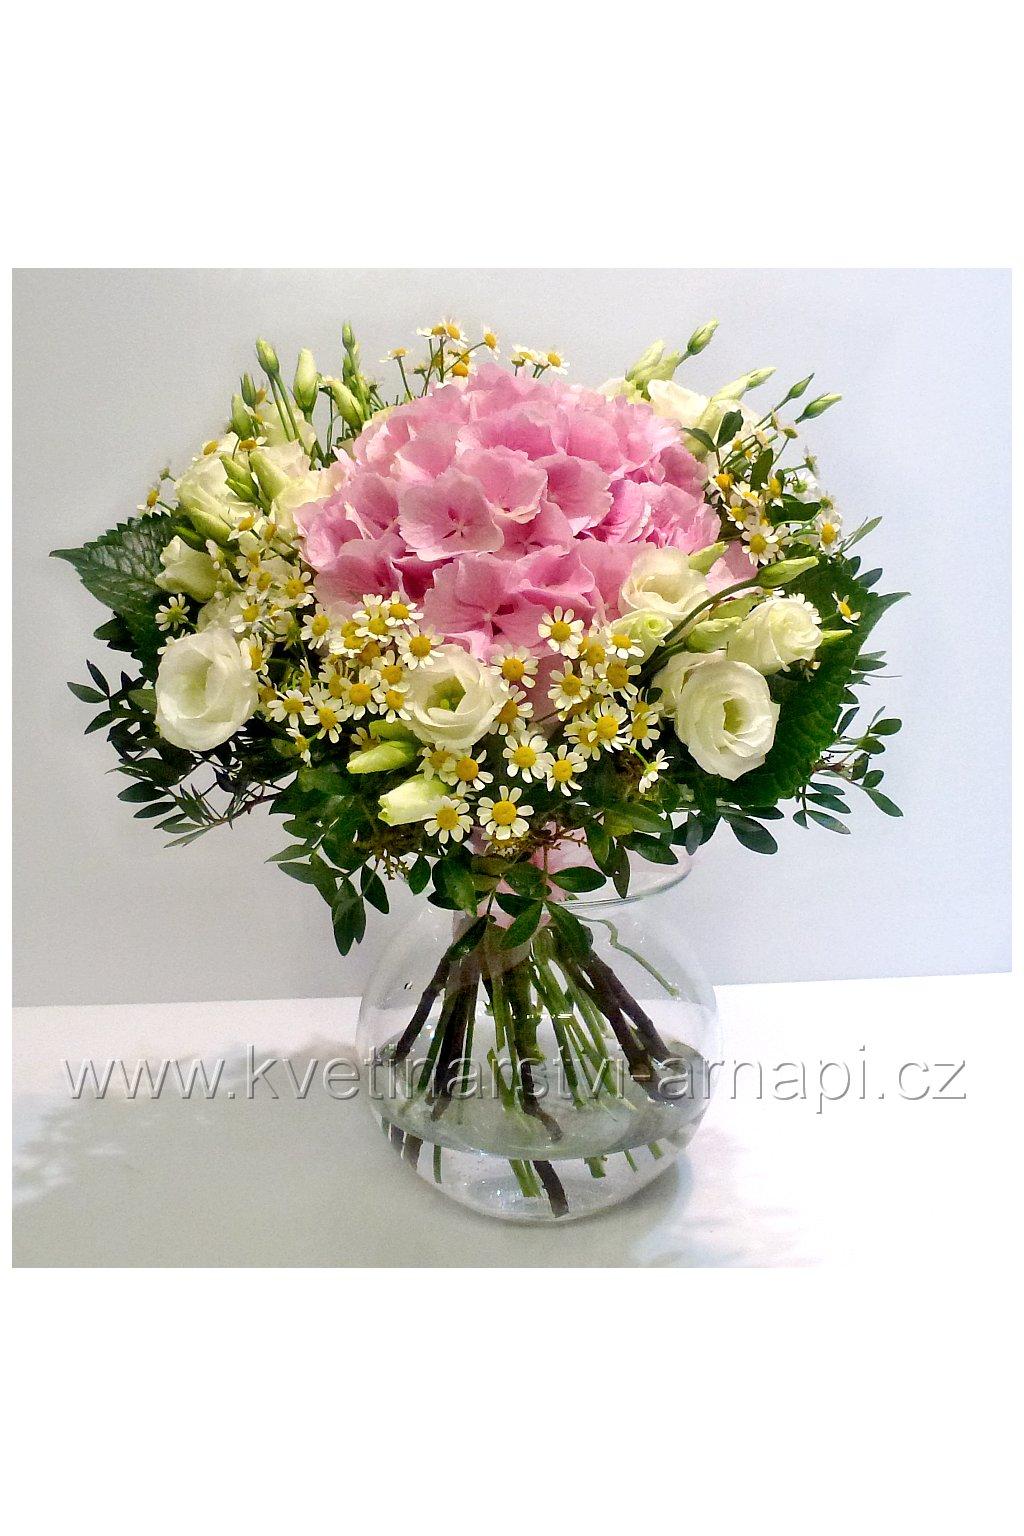 kytice hortenzie kvetinarstvi arnapi